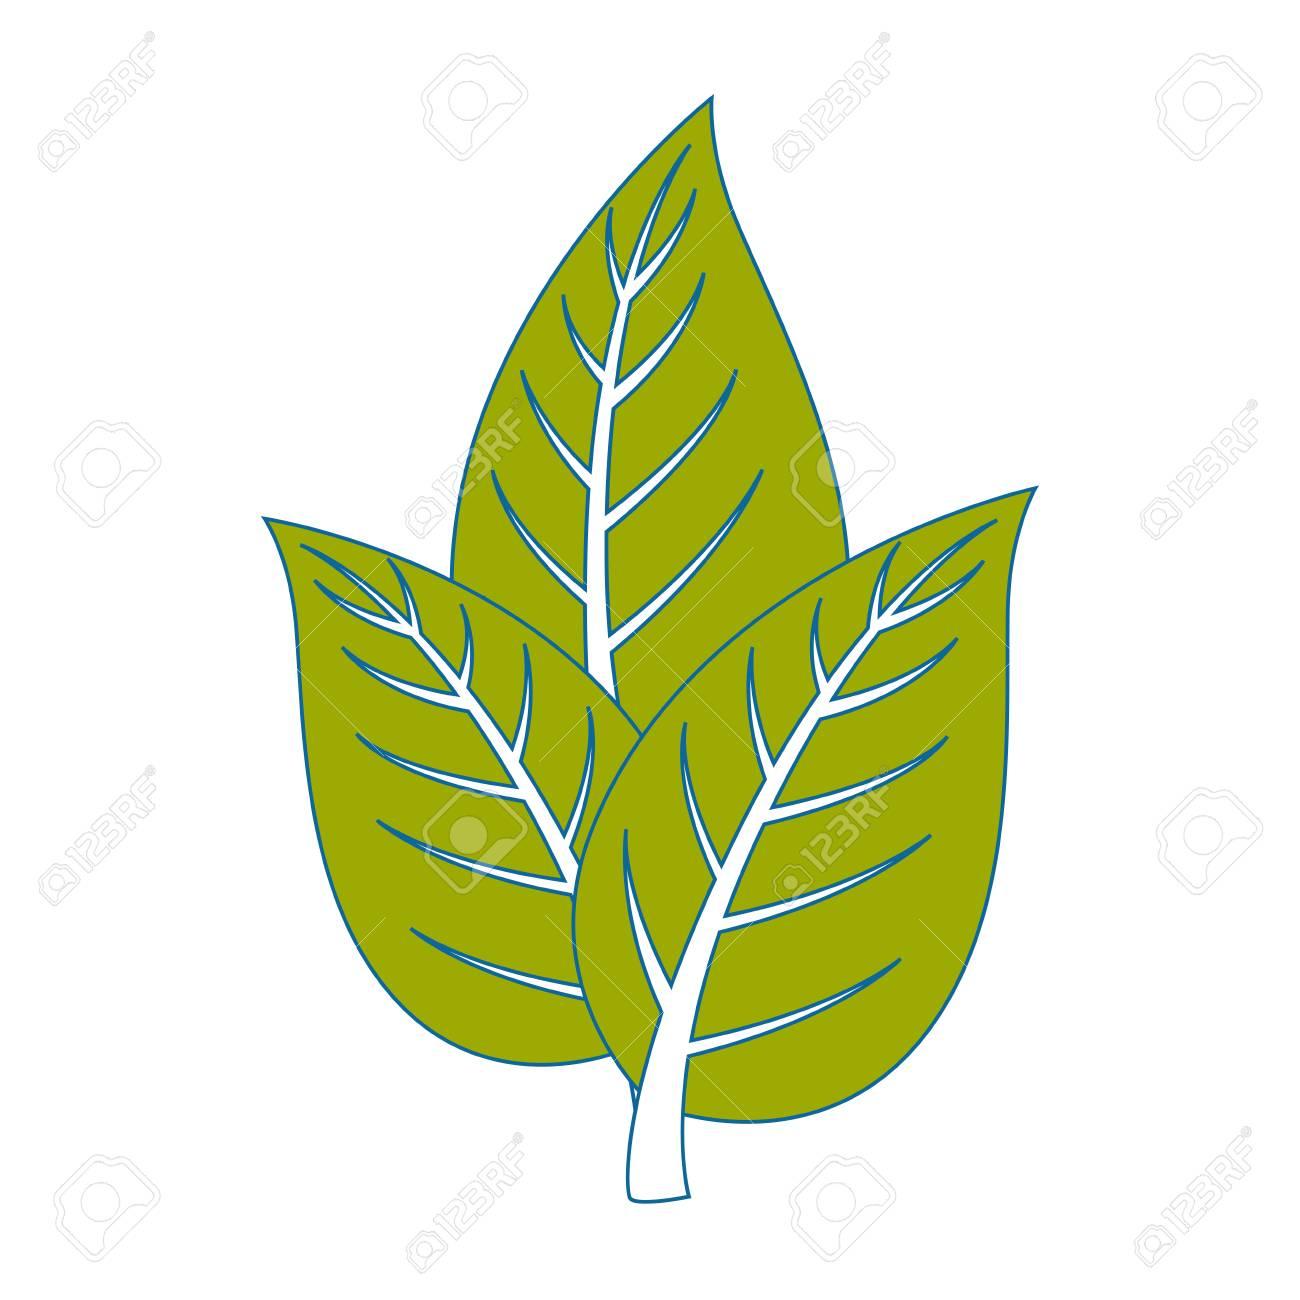 Diseno Grafico Aislado De Tres Hojas Arboles Icono Vector - Hojas-de-arboles